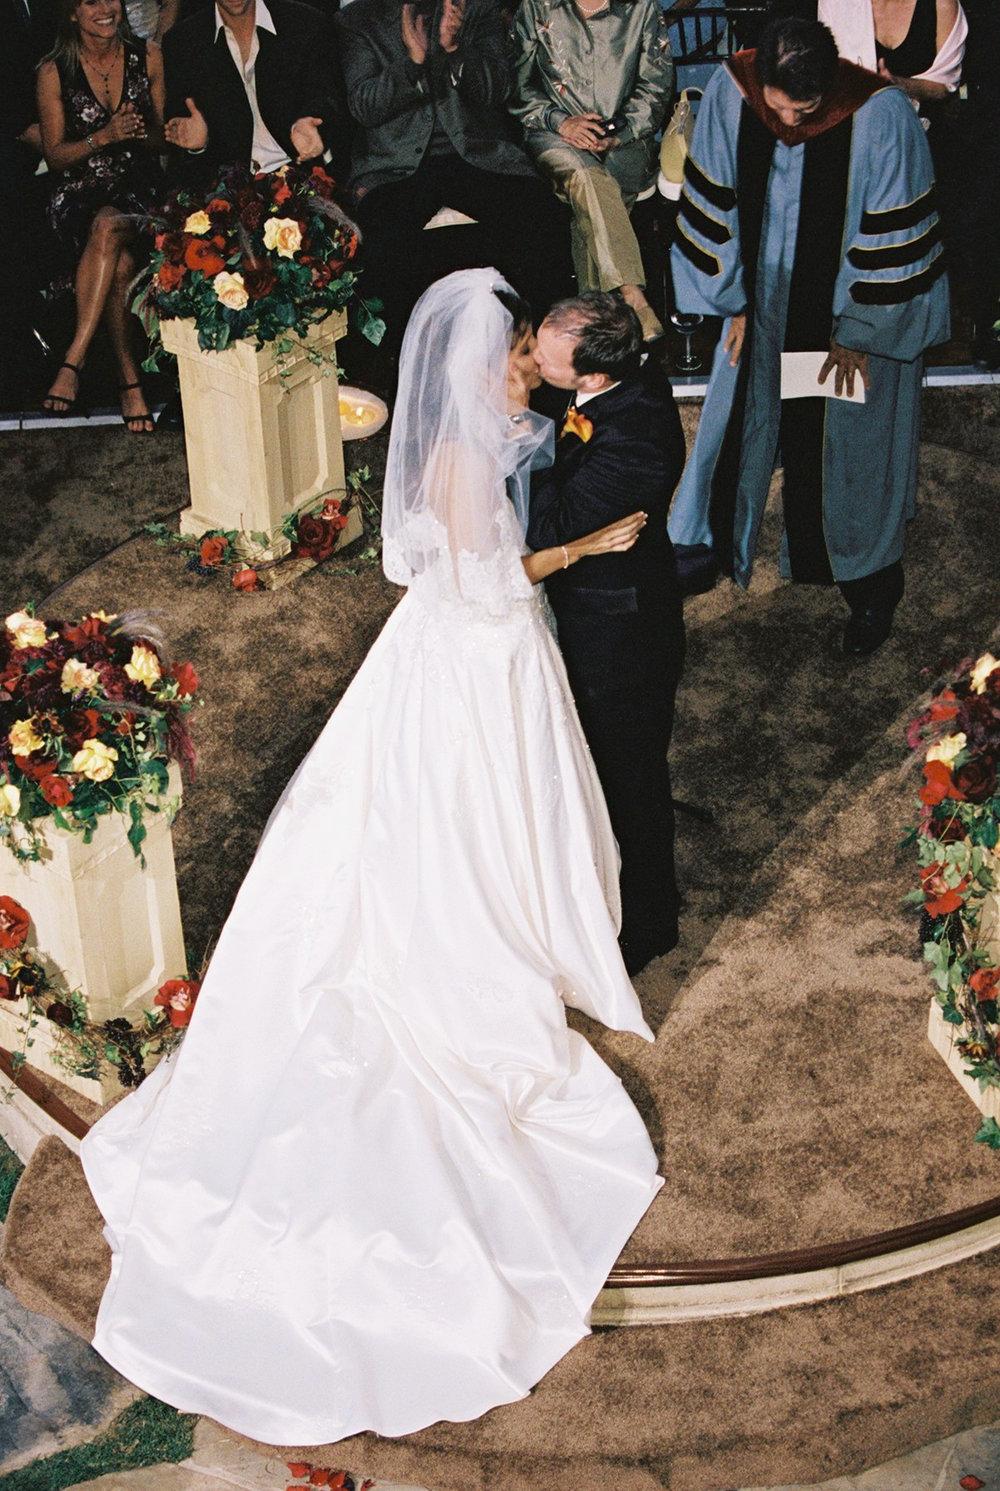 burbano-sterns wedding -